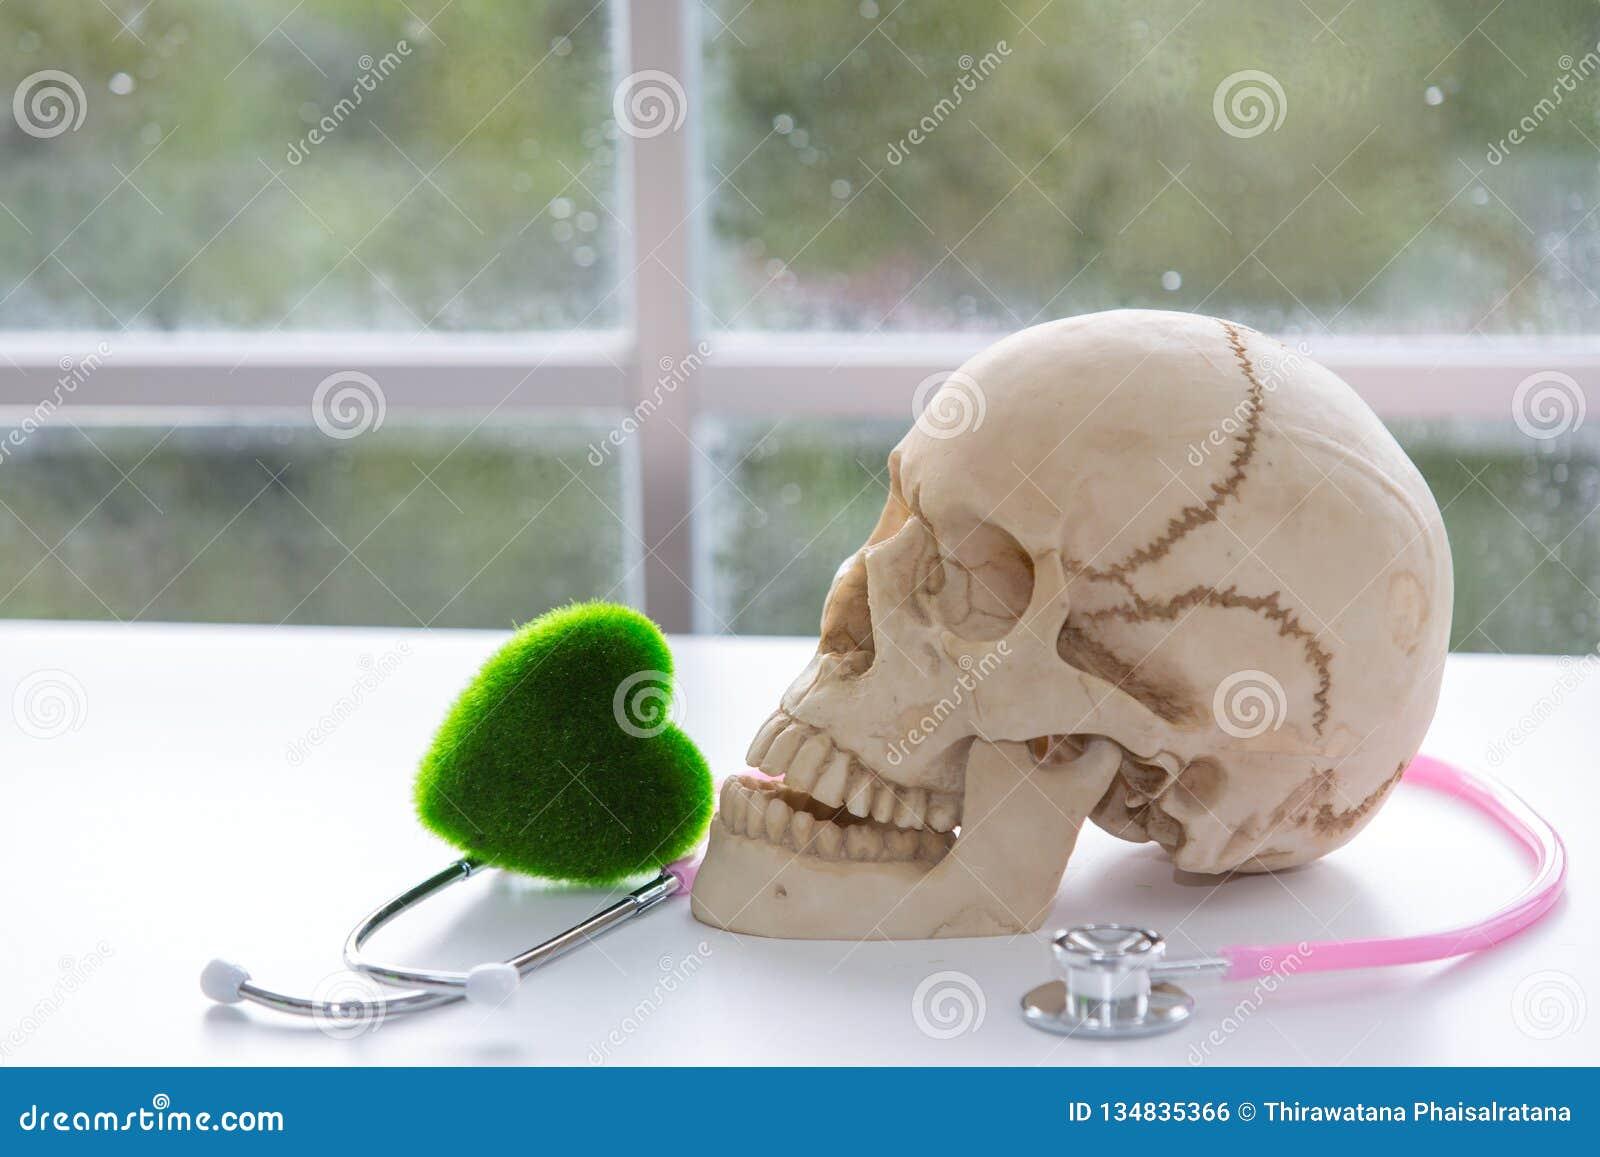 Toxicomanie néfaste Le foyer est sur la seringue Crâne et stéthoscope stéthoscope et coeur vert Les scientifiques expérimentent a